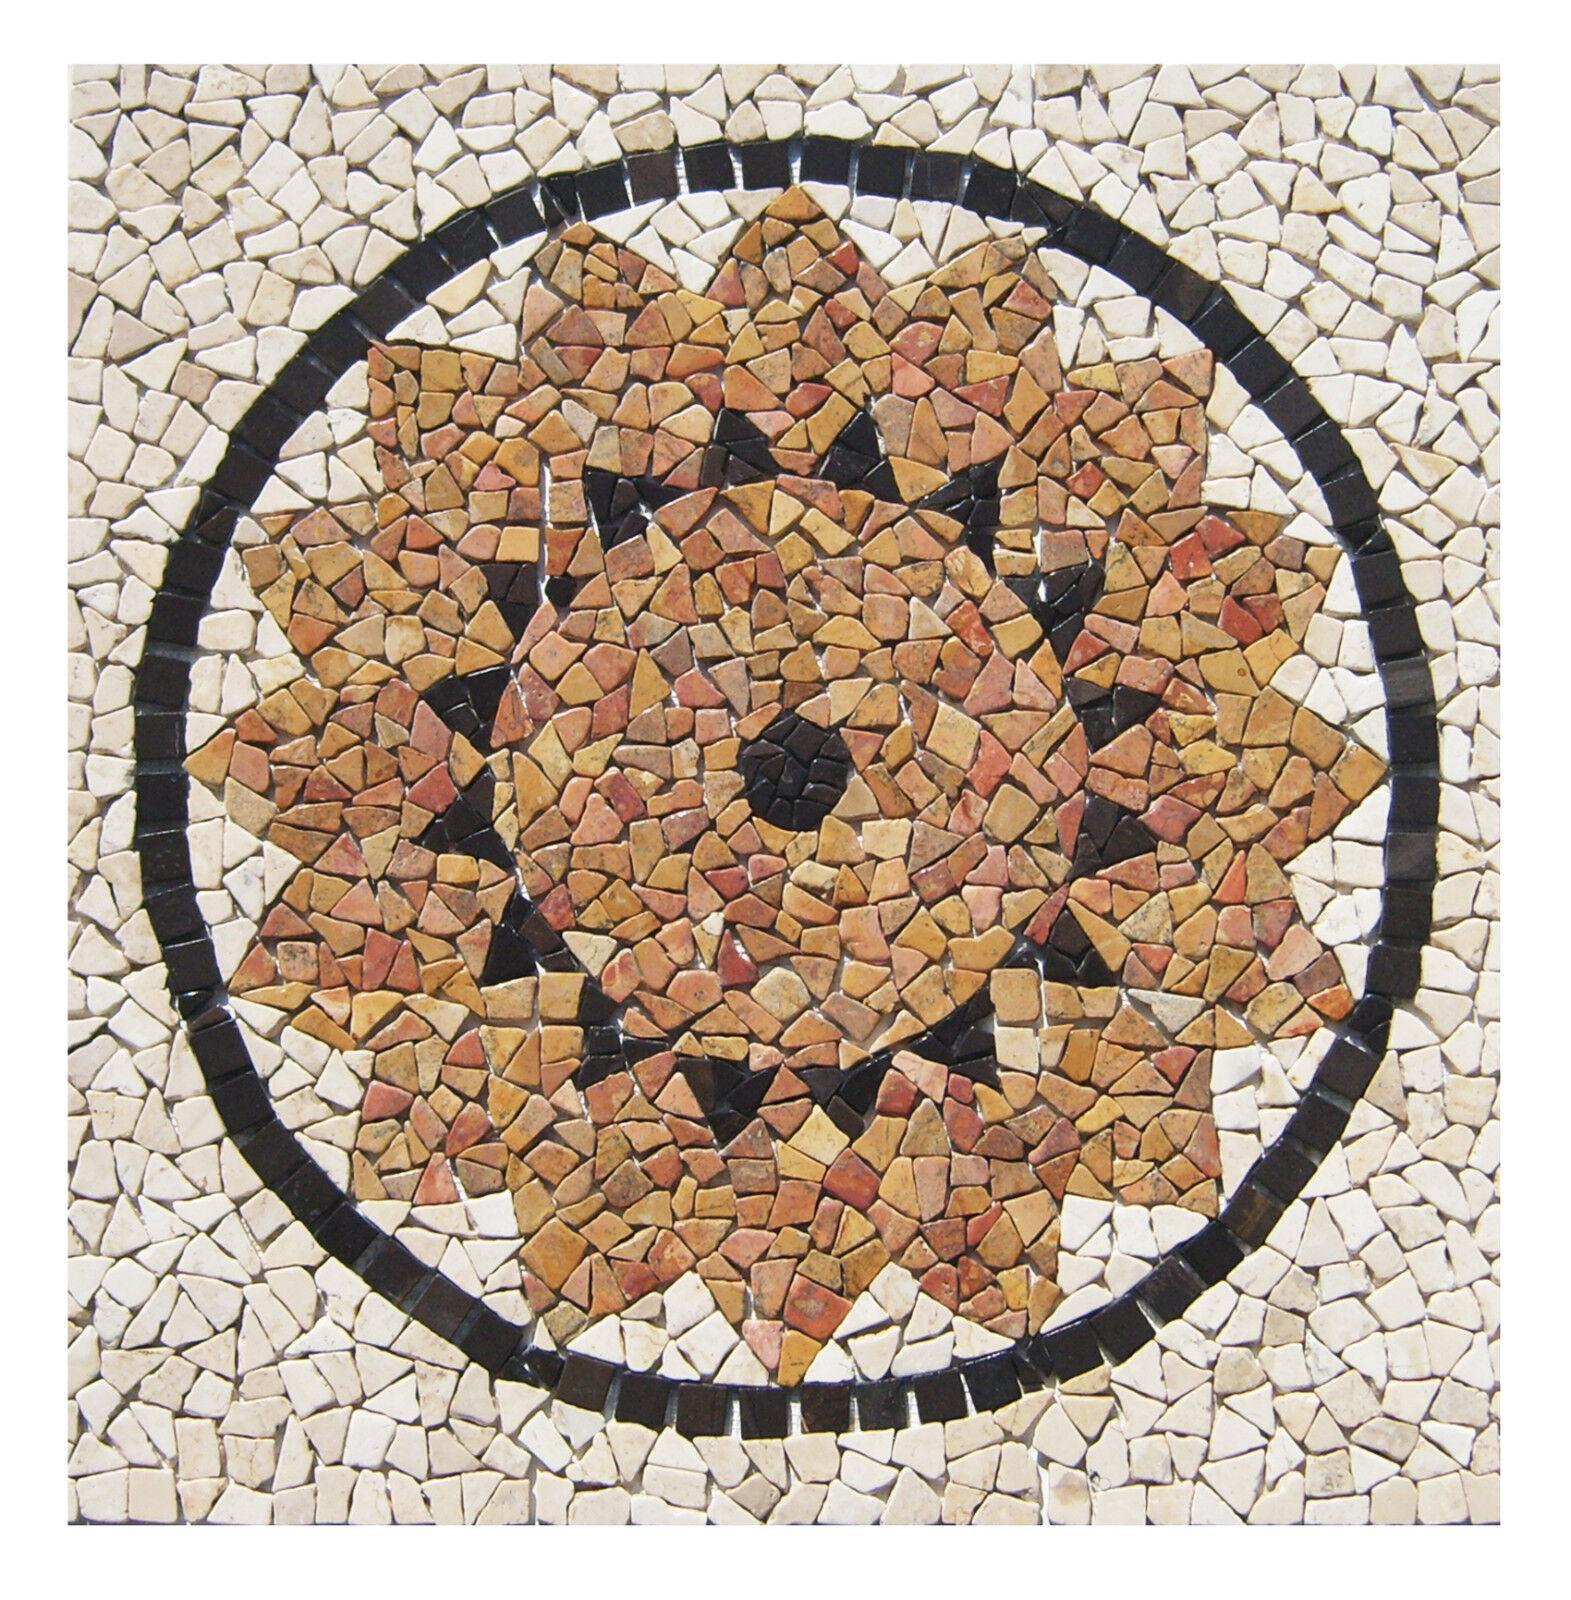 1 Mosaikfliesen Bild RO-003 - Fliesen Lager Stein-mosaik Herne NRW - Bodendesign